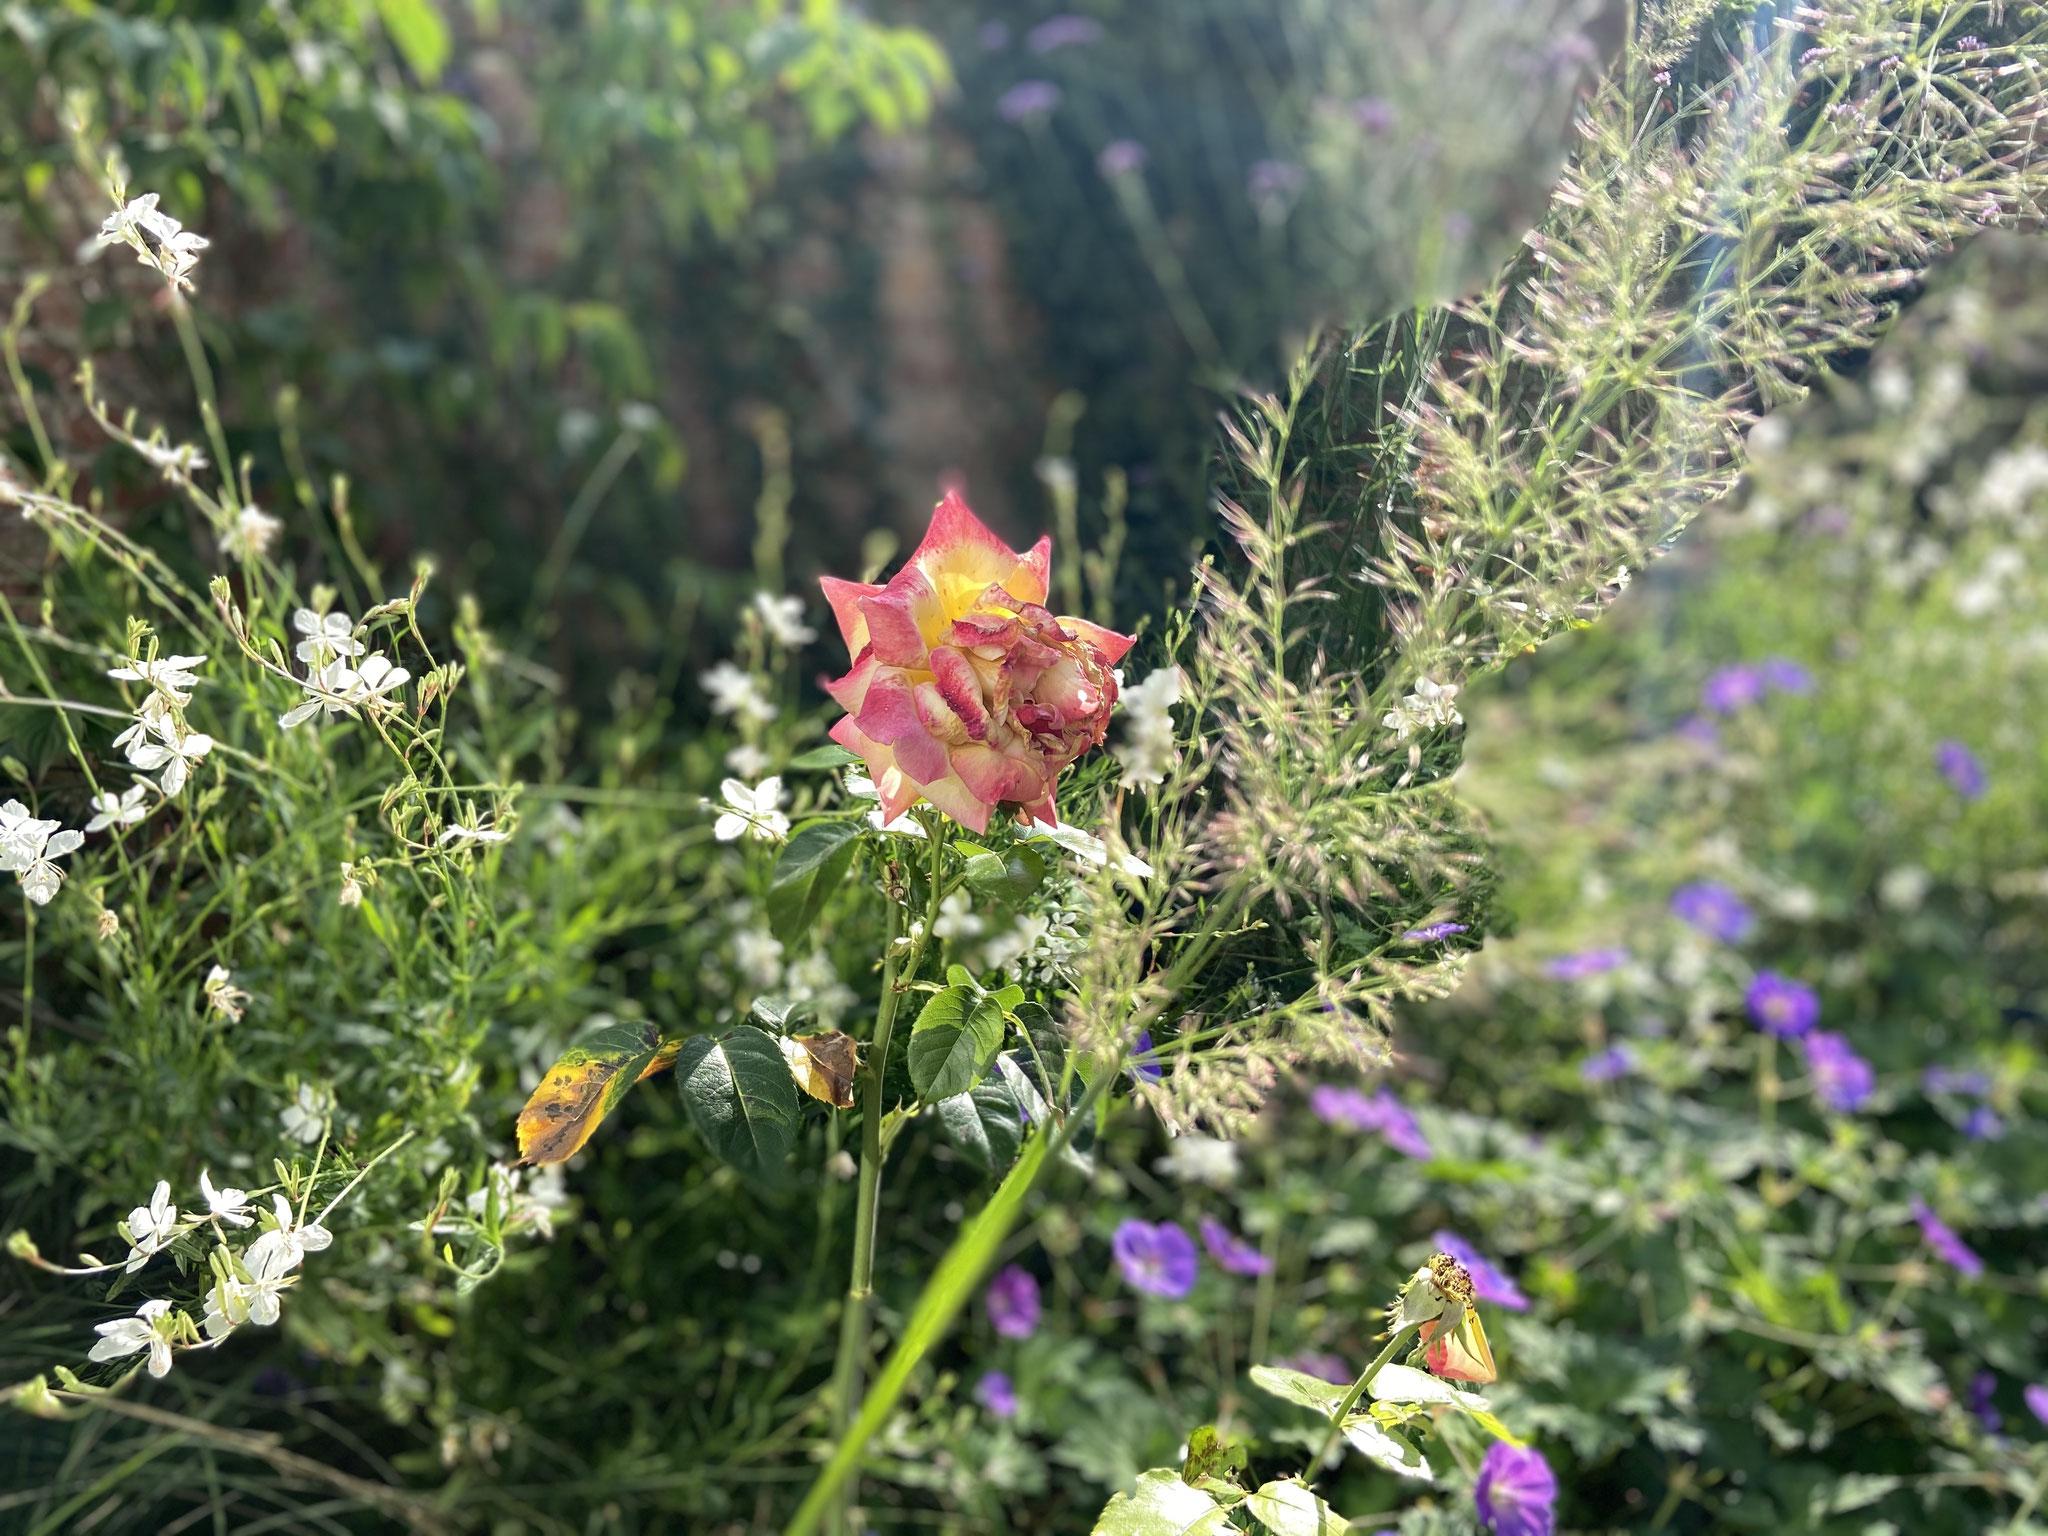 Jardin de ville 50m2 - Jardin naturaliste - Détail de végétation / Rose. Aménagement Jardin Bruxelles